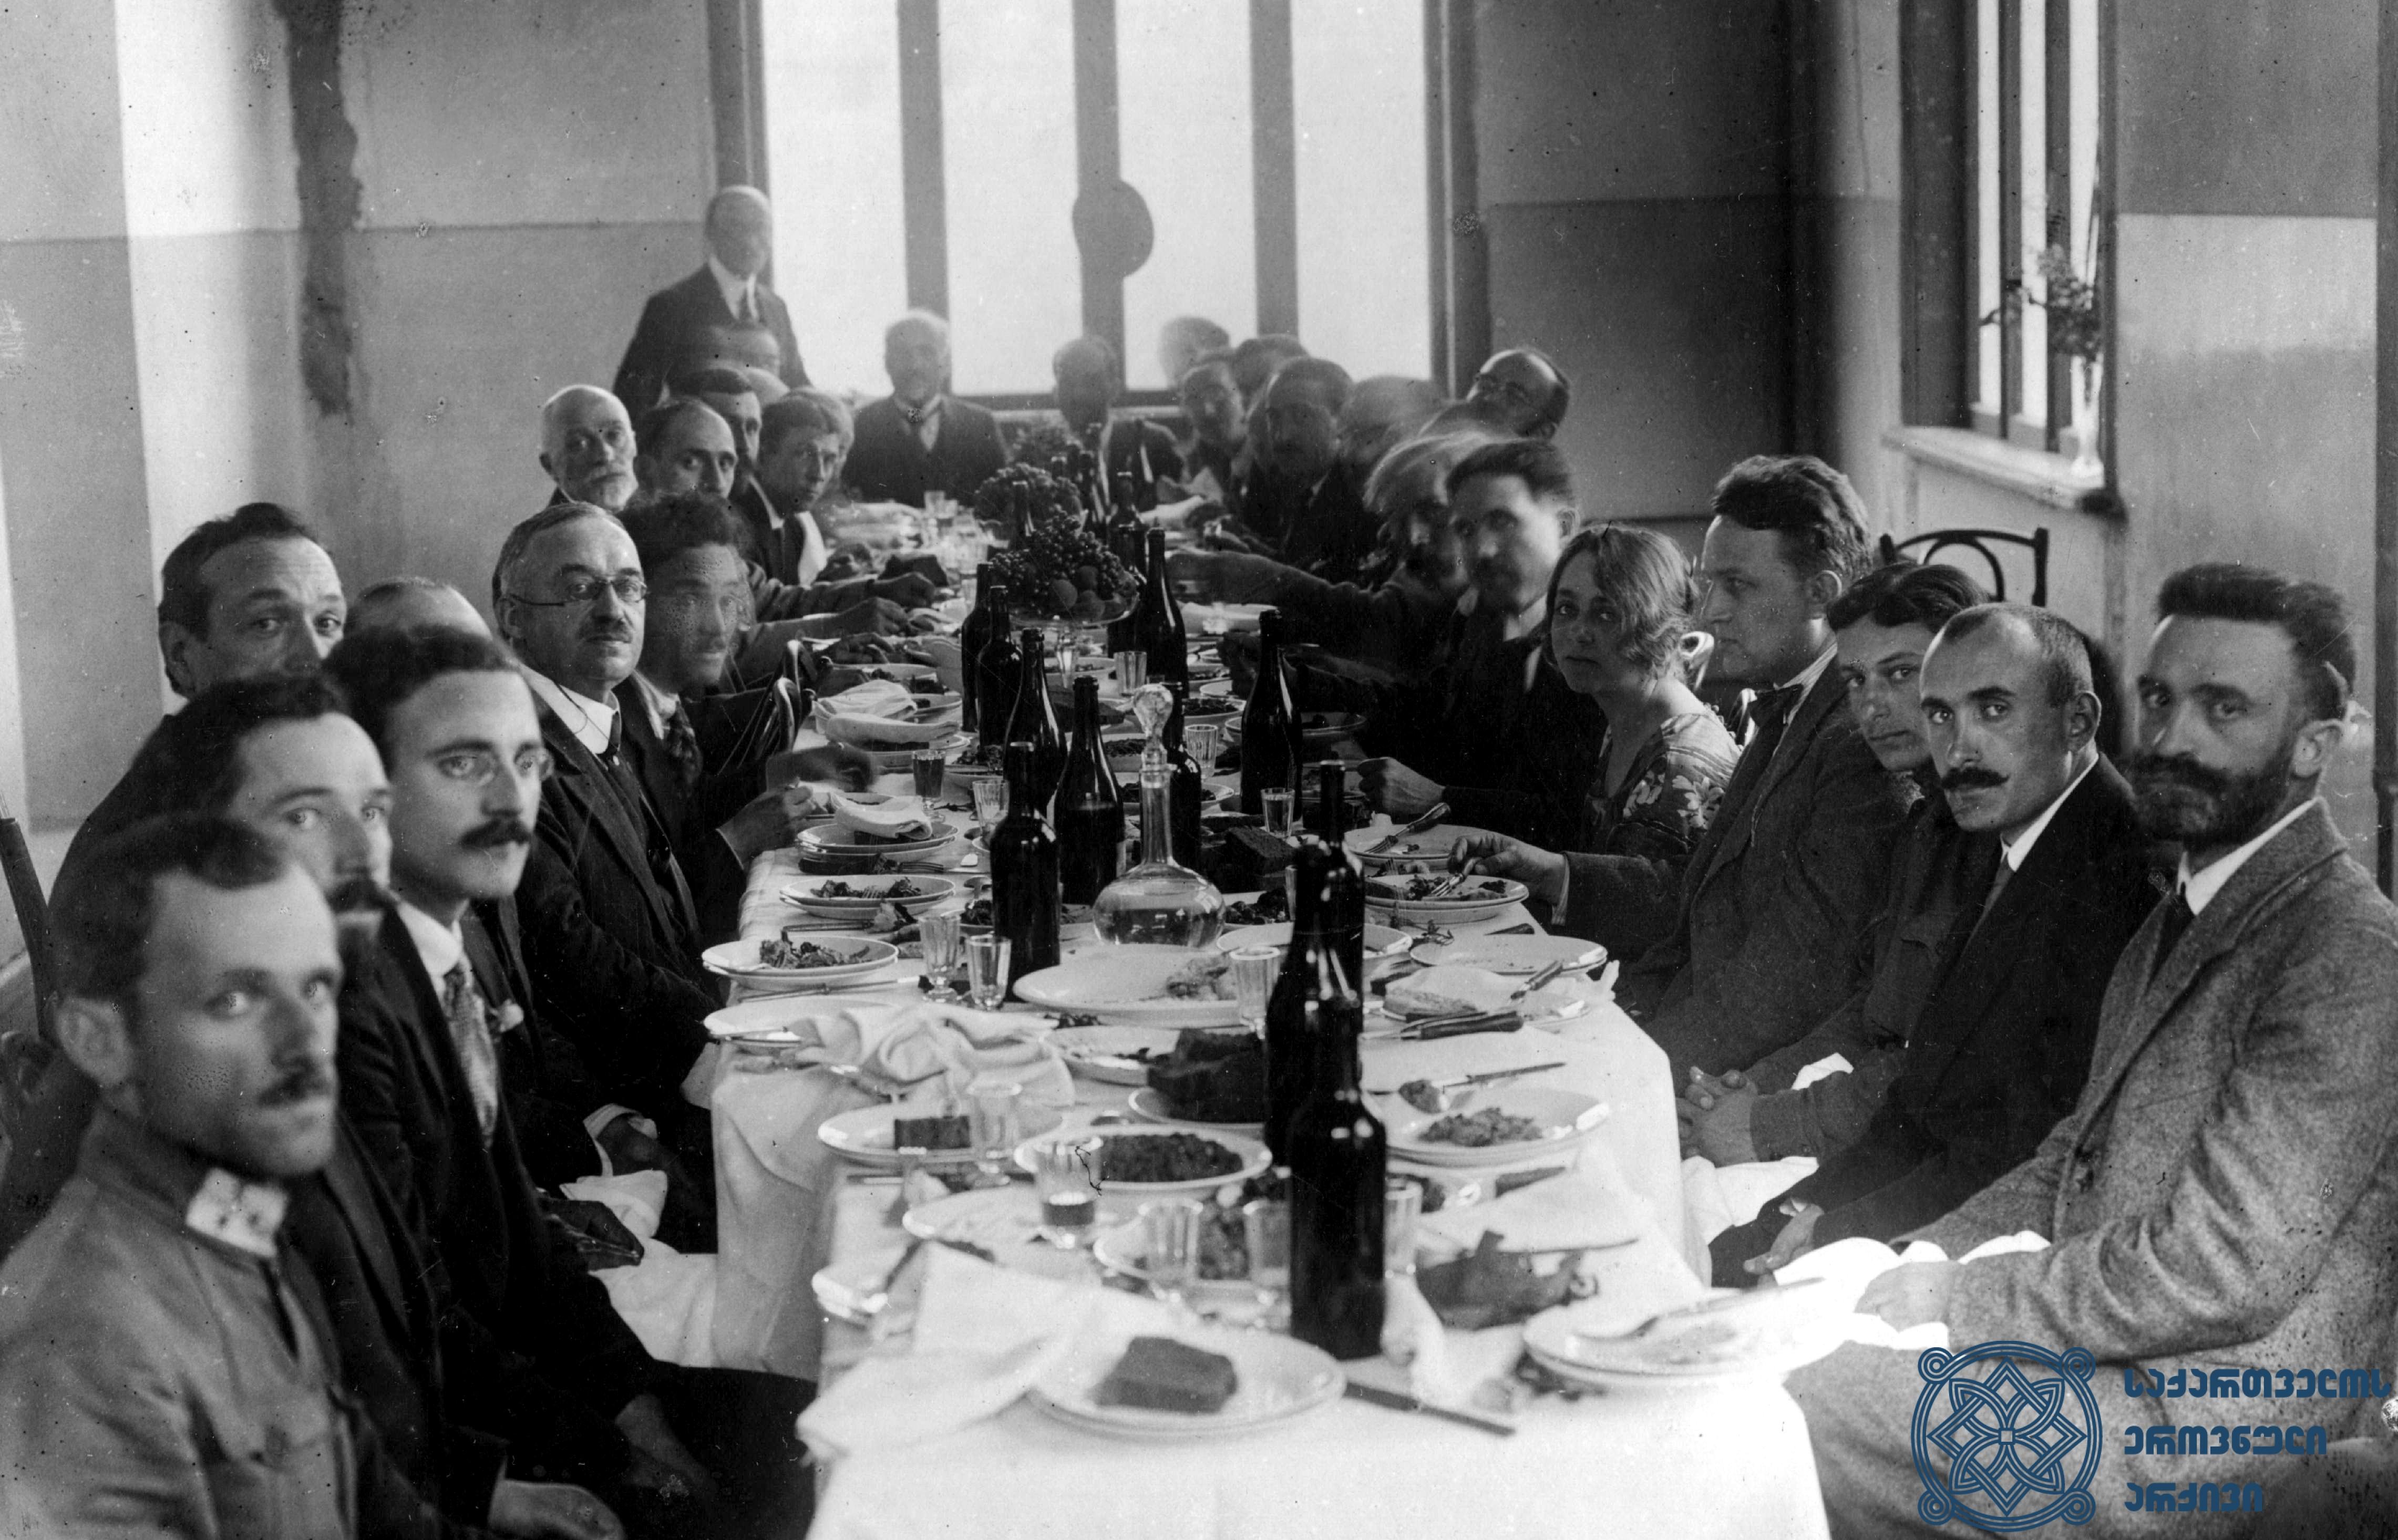 მეორე სოციალისტური ინტერნაციონალის დელეგაციის წევრების პატივსაცემად  გამართული სადილი თბილისში. 1920 წლის სექტემბერი. <br> Dinner in honor of the members of the delegation of the Second Socialist International, held in Tbilisi. September 1920.